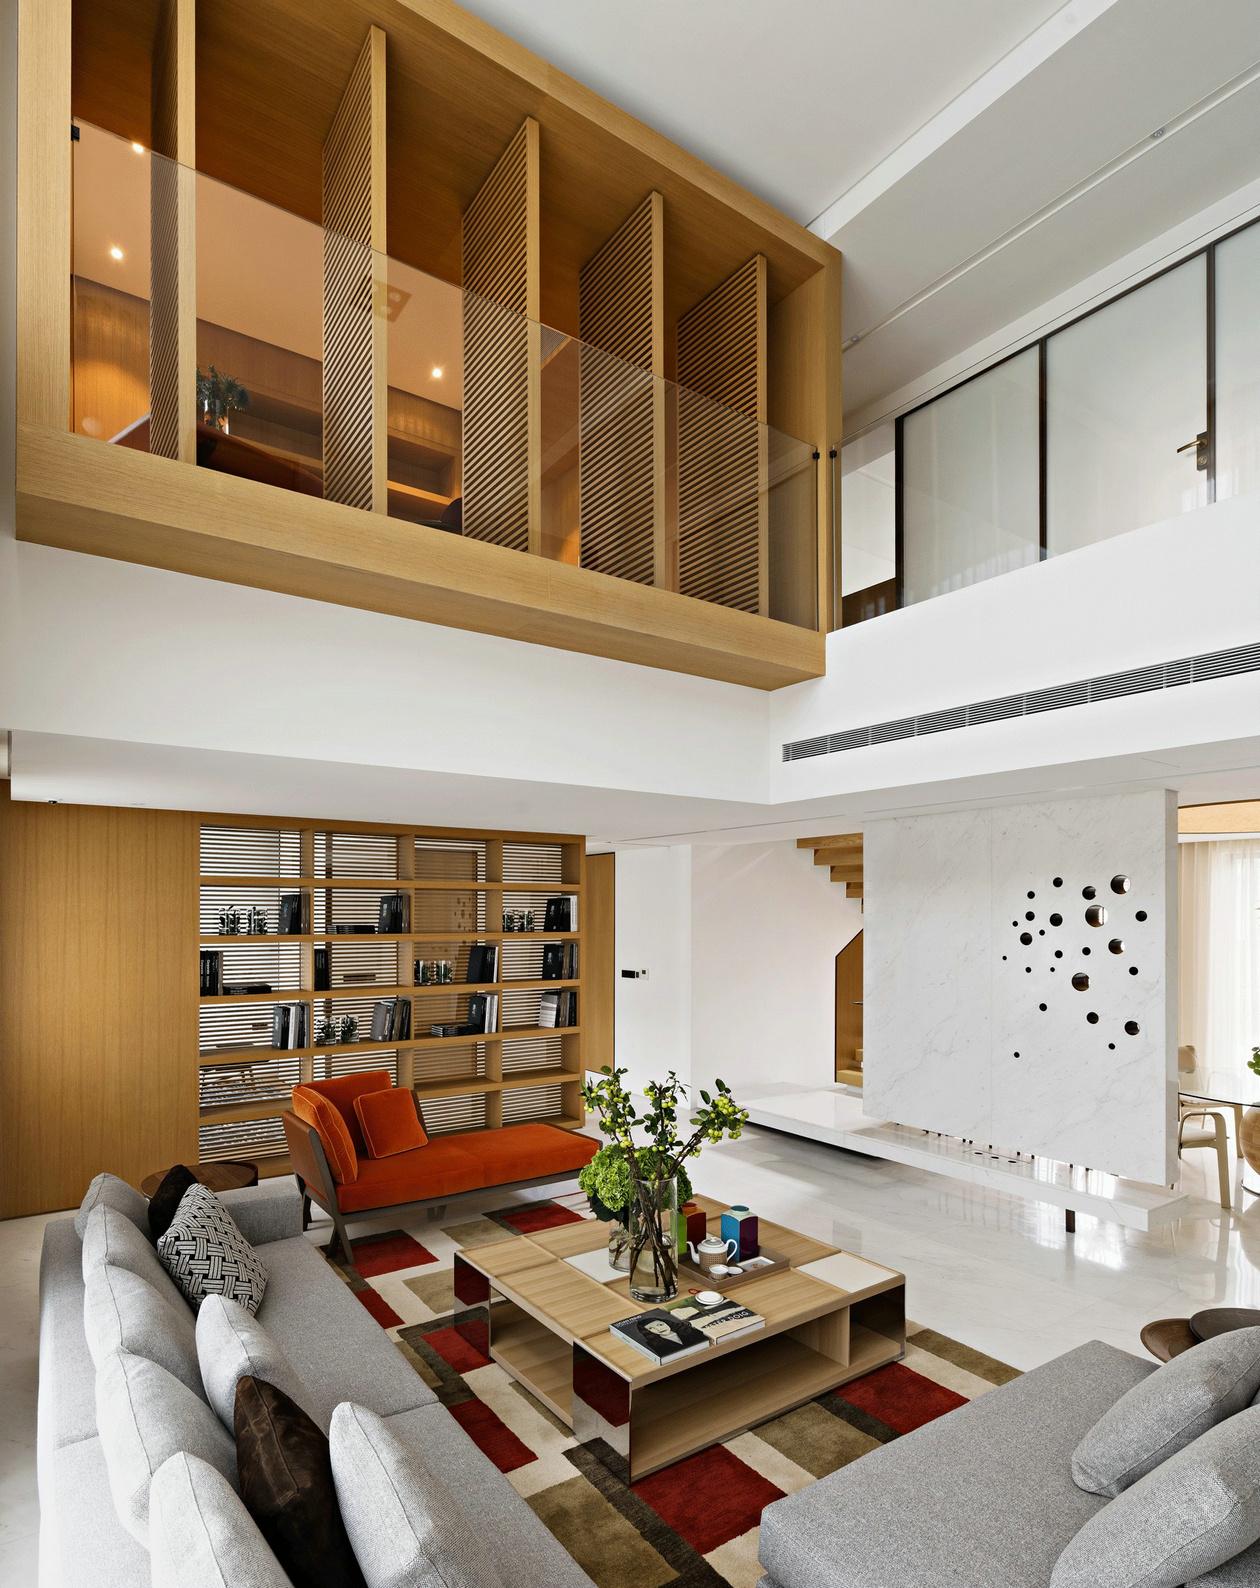 设计艺术 家装设计 上海陈公馆顶级豪宅,打造一个艺术生活空间图片